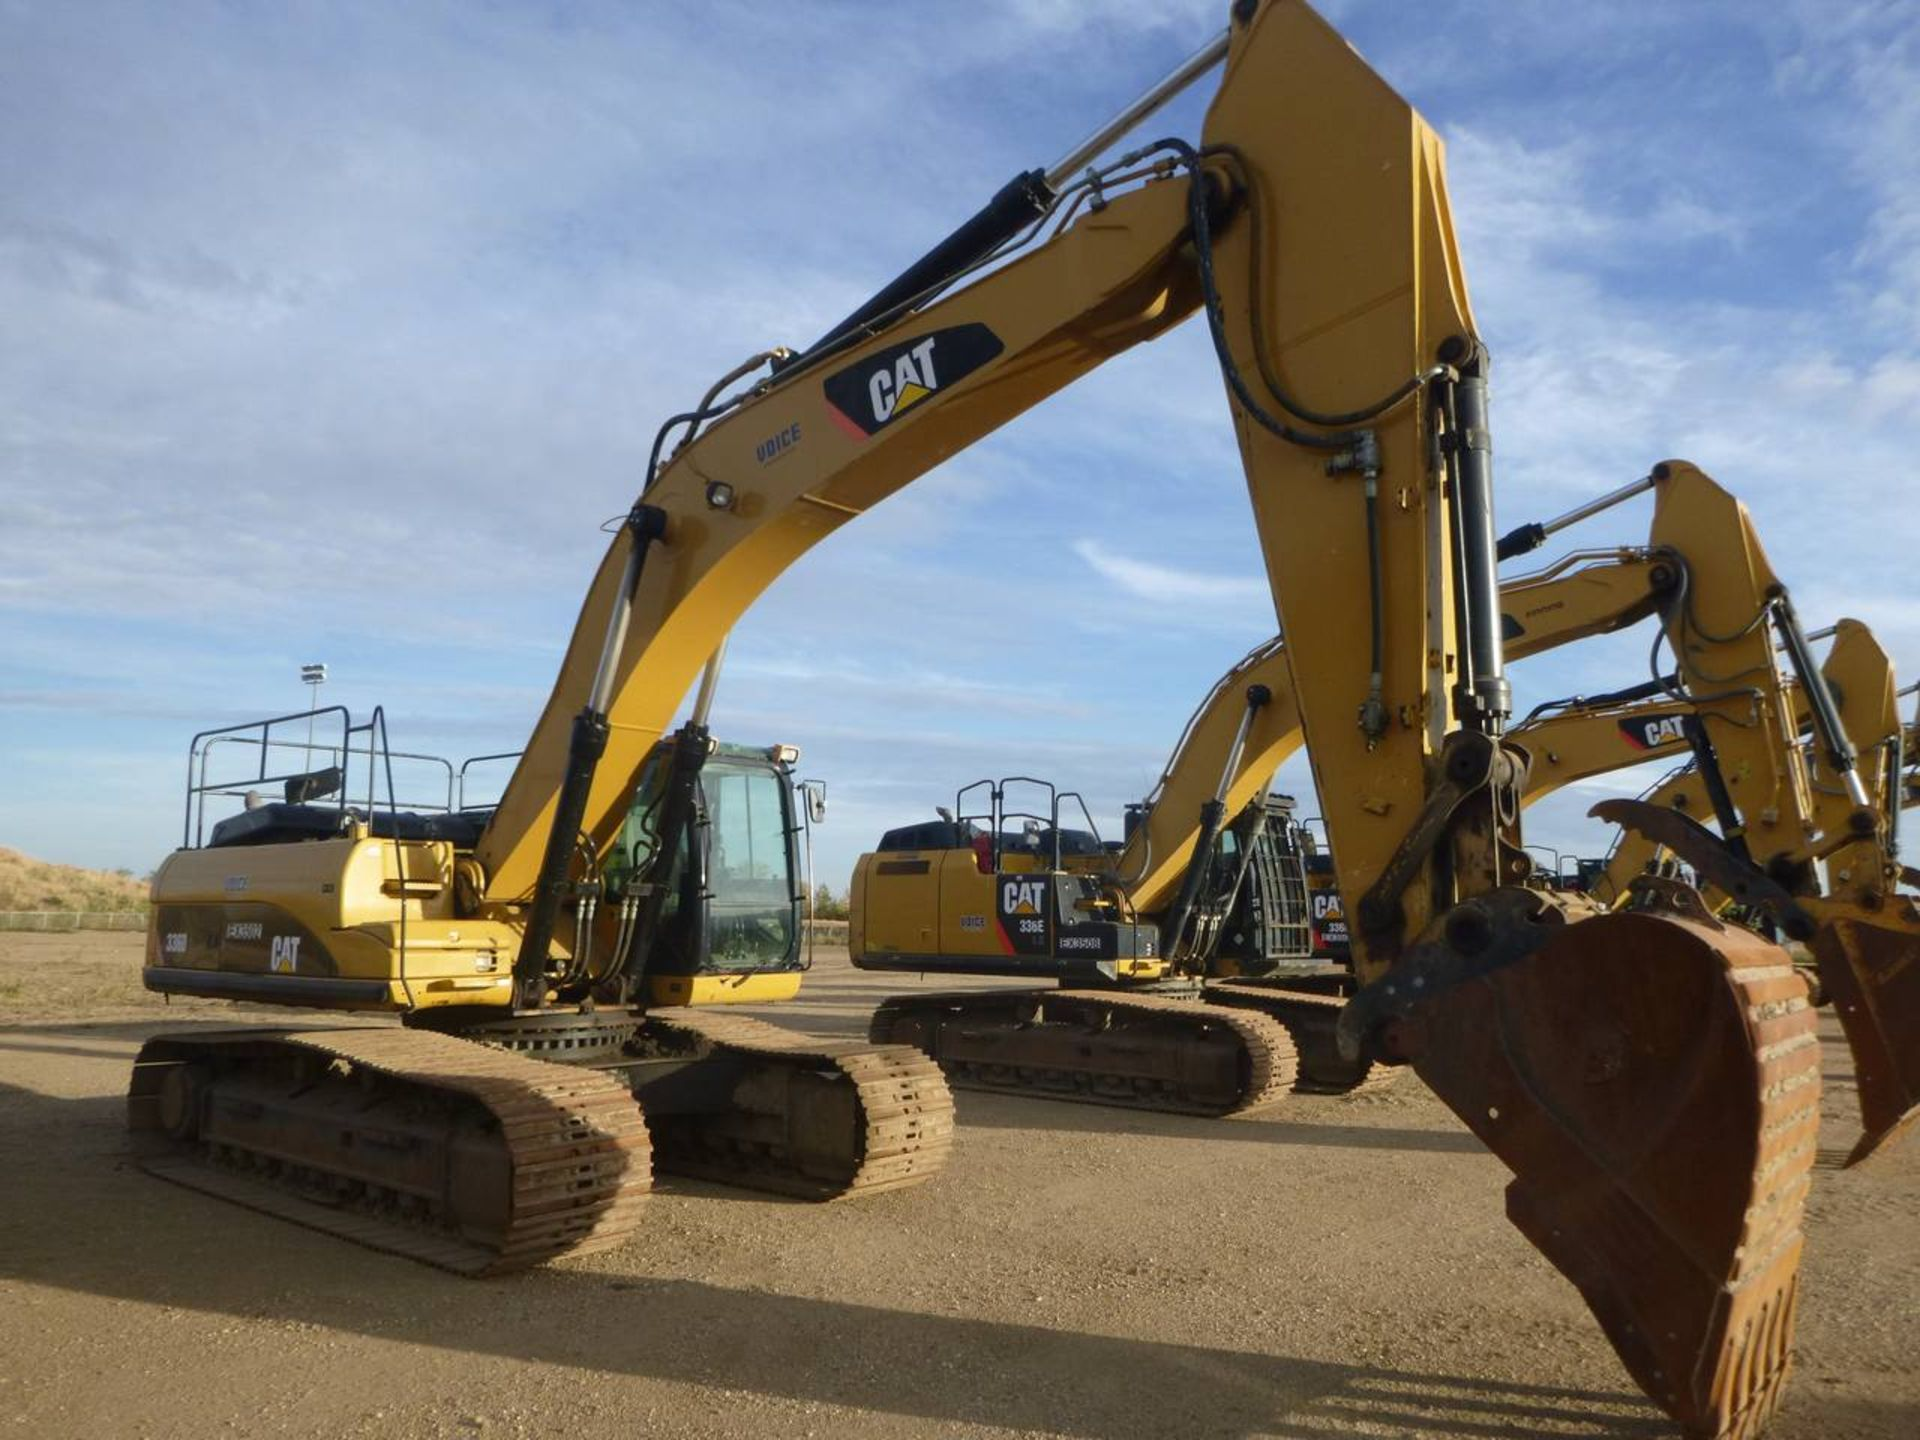 2010 Caterpillar 336D L Excavator - Image 2 of 13